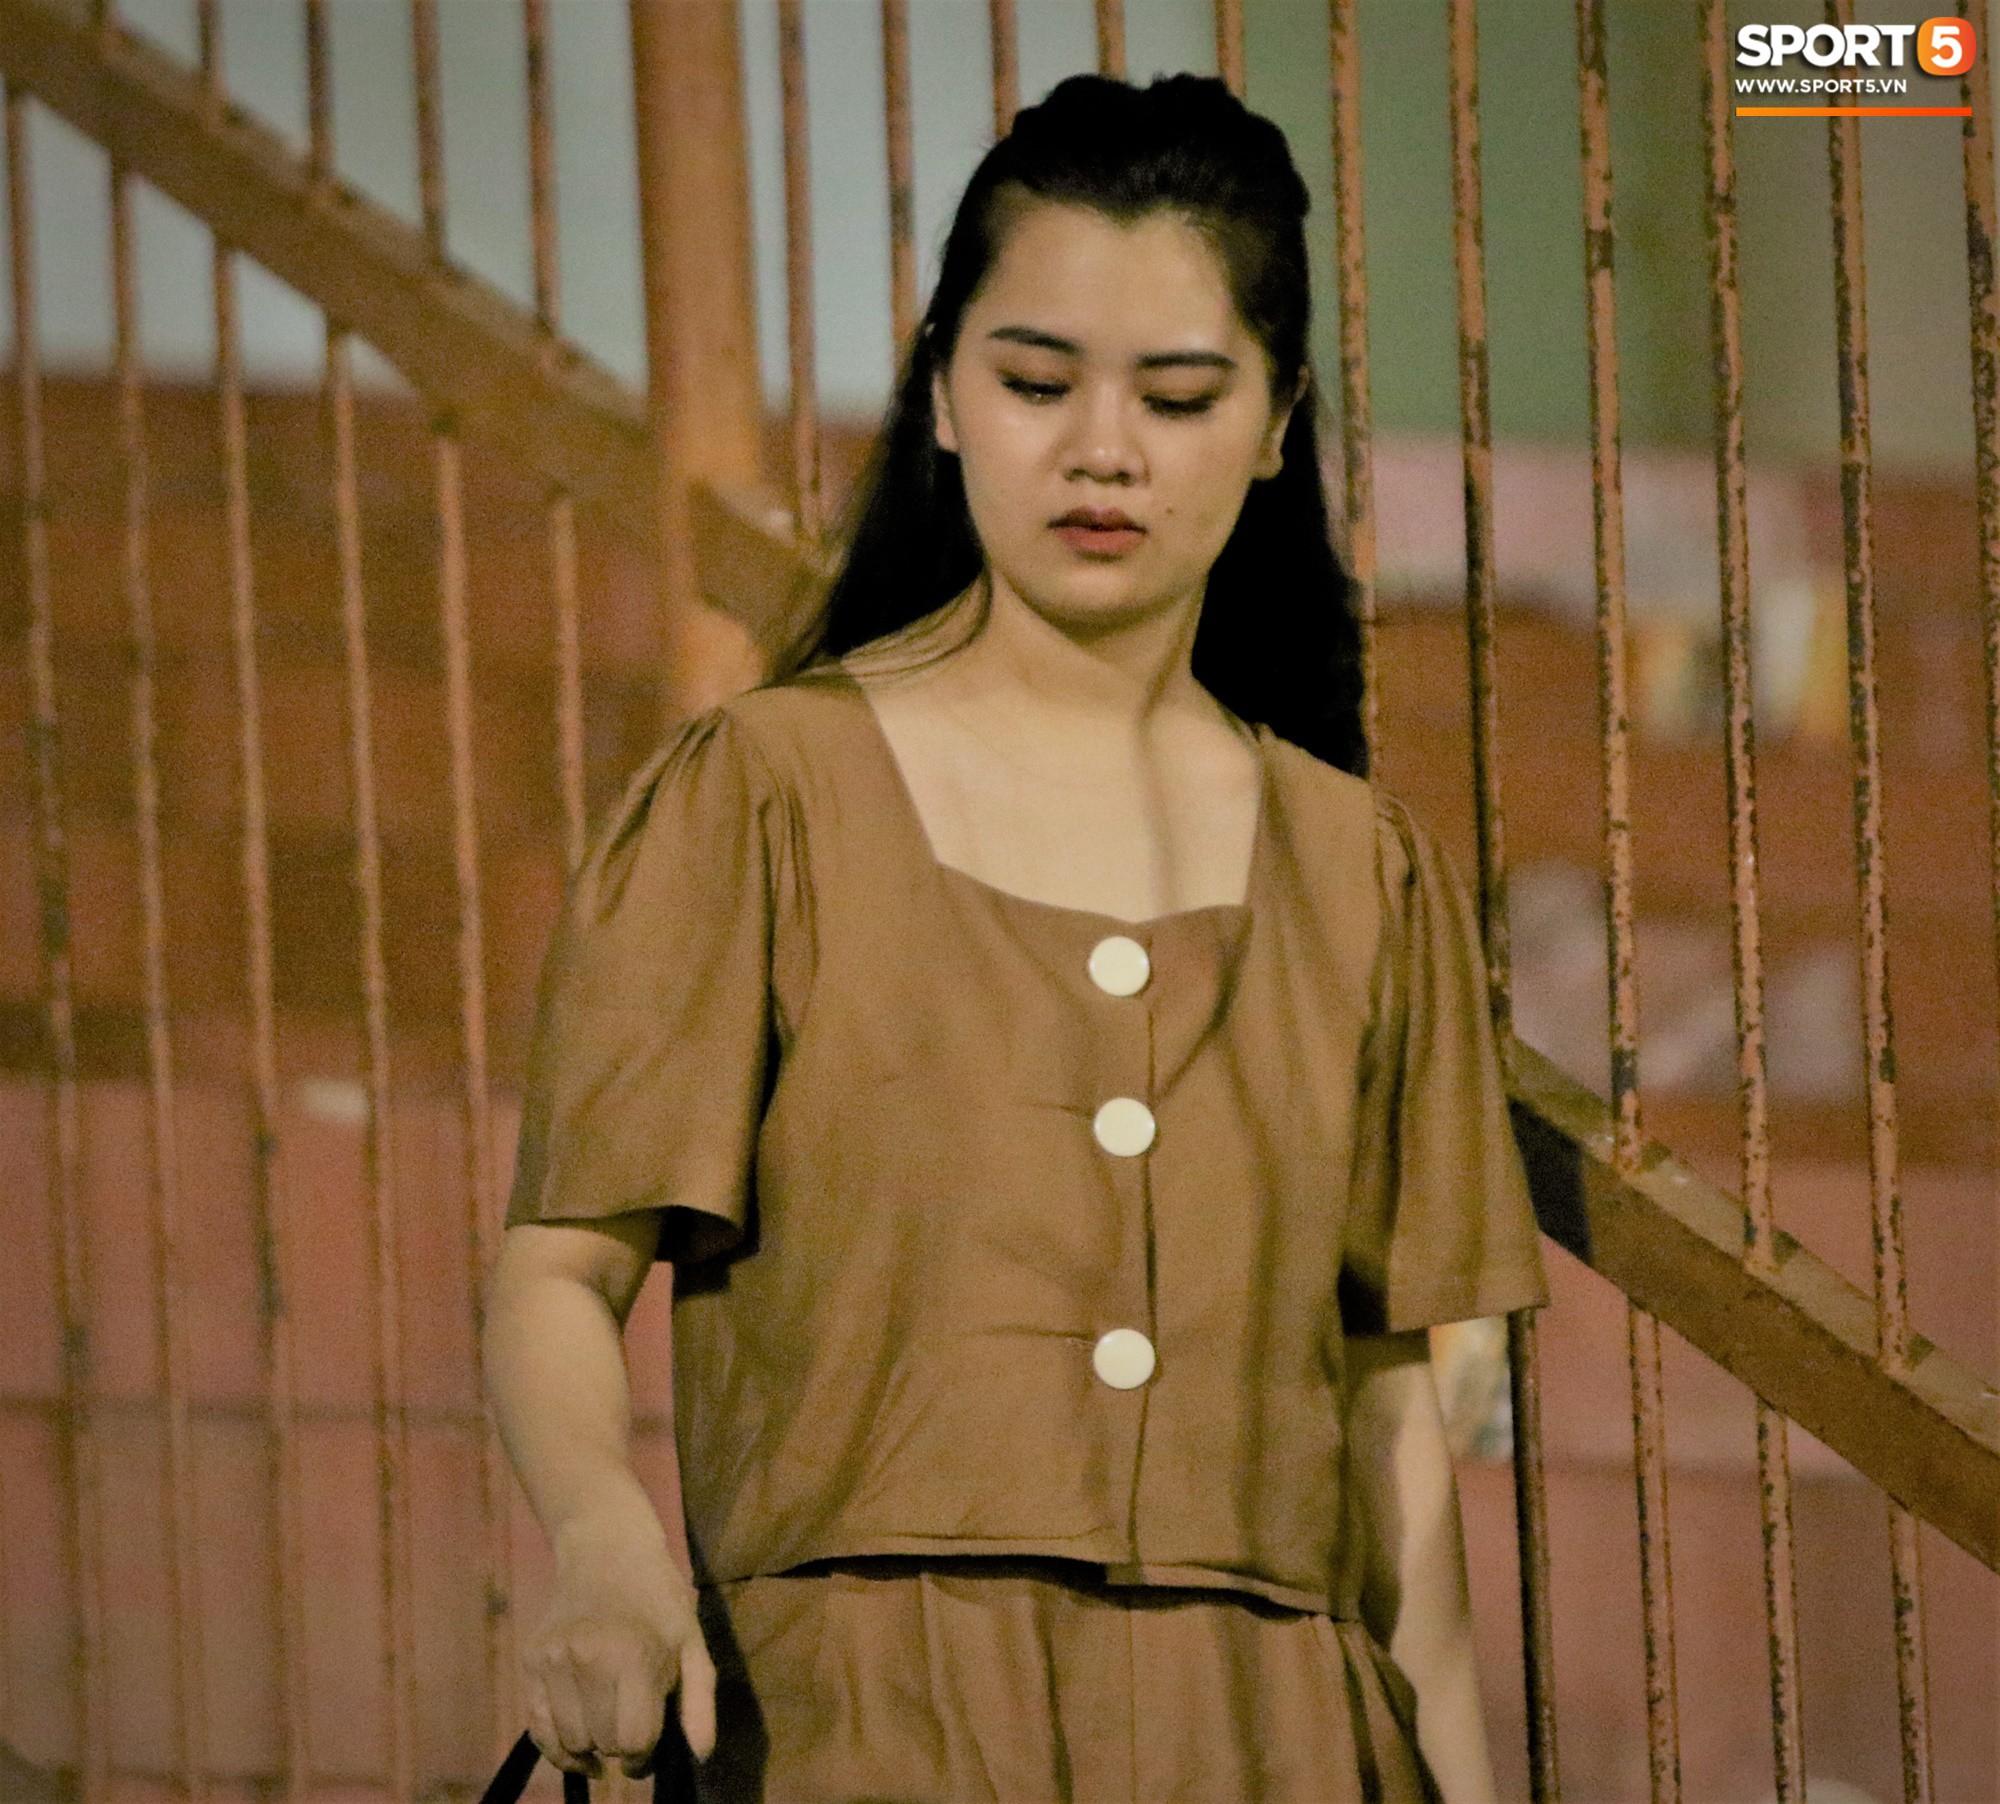 Hạnh phúc như Hải Quế: Ngày của bố được đón con gái xuống sân ăn mừng chiến thắng trước Khánh Hòa-9